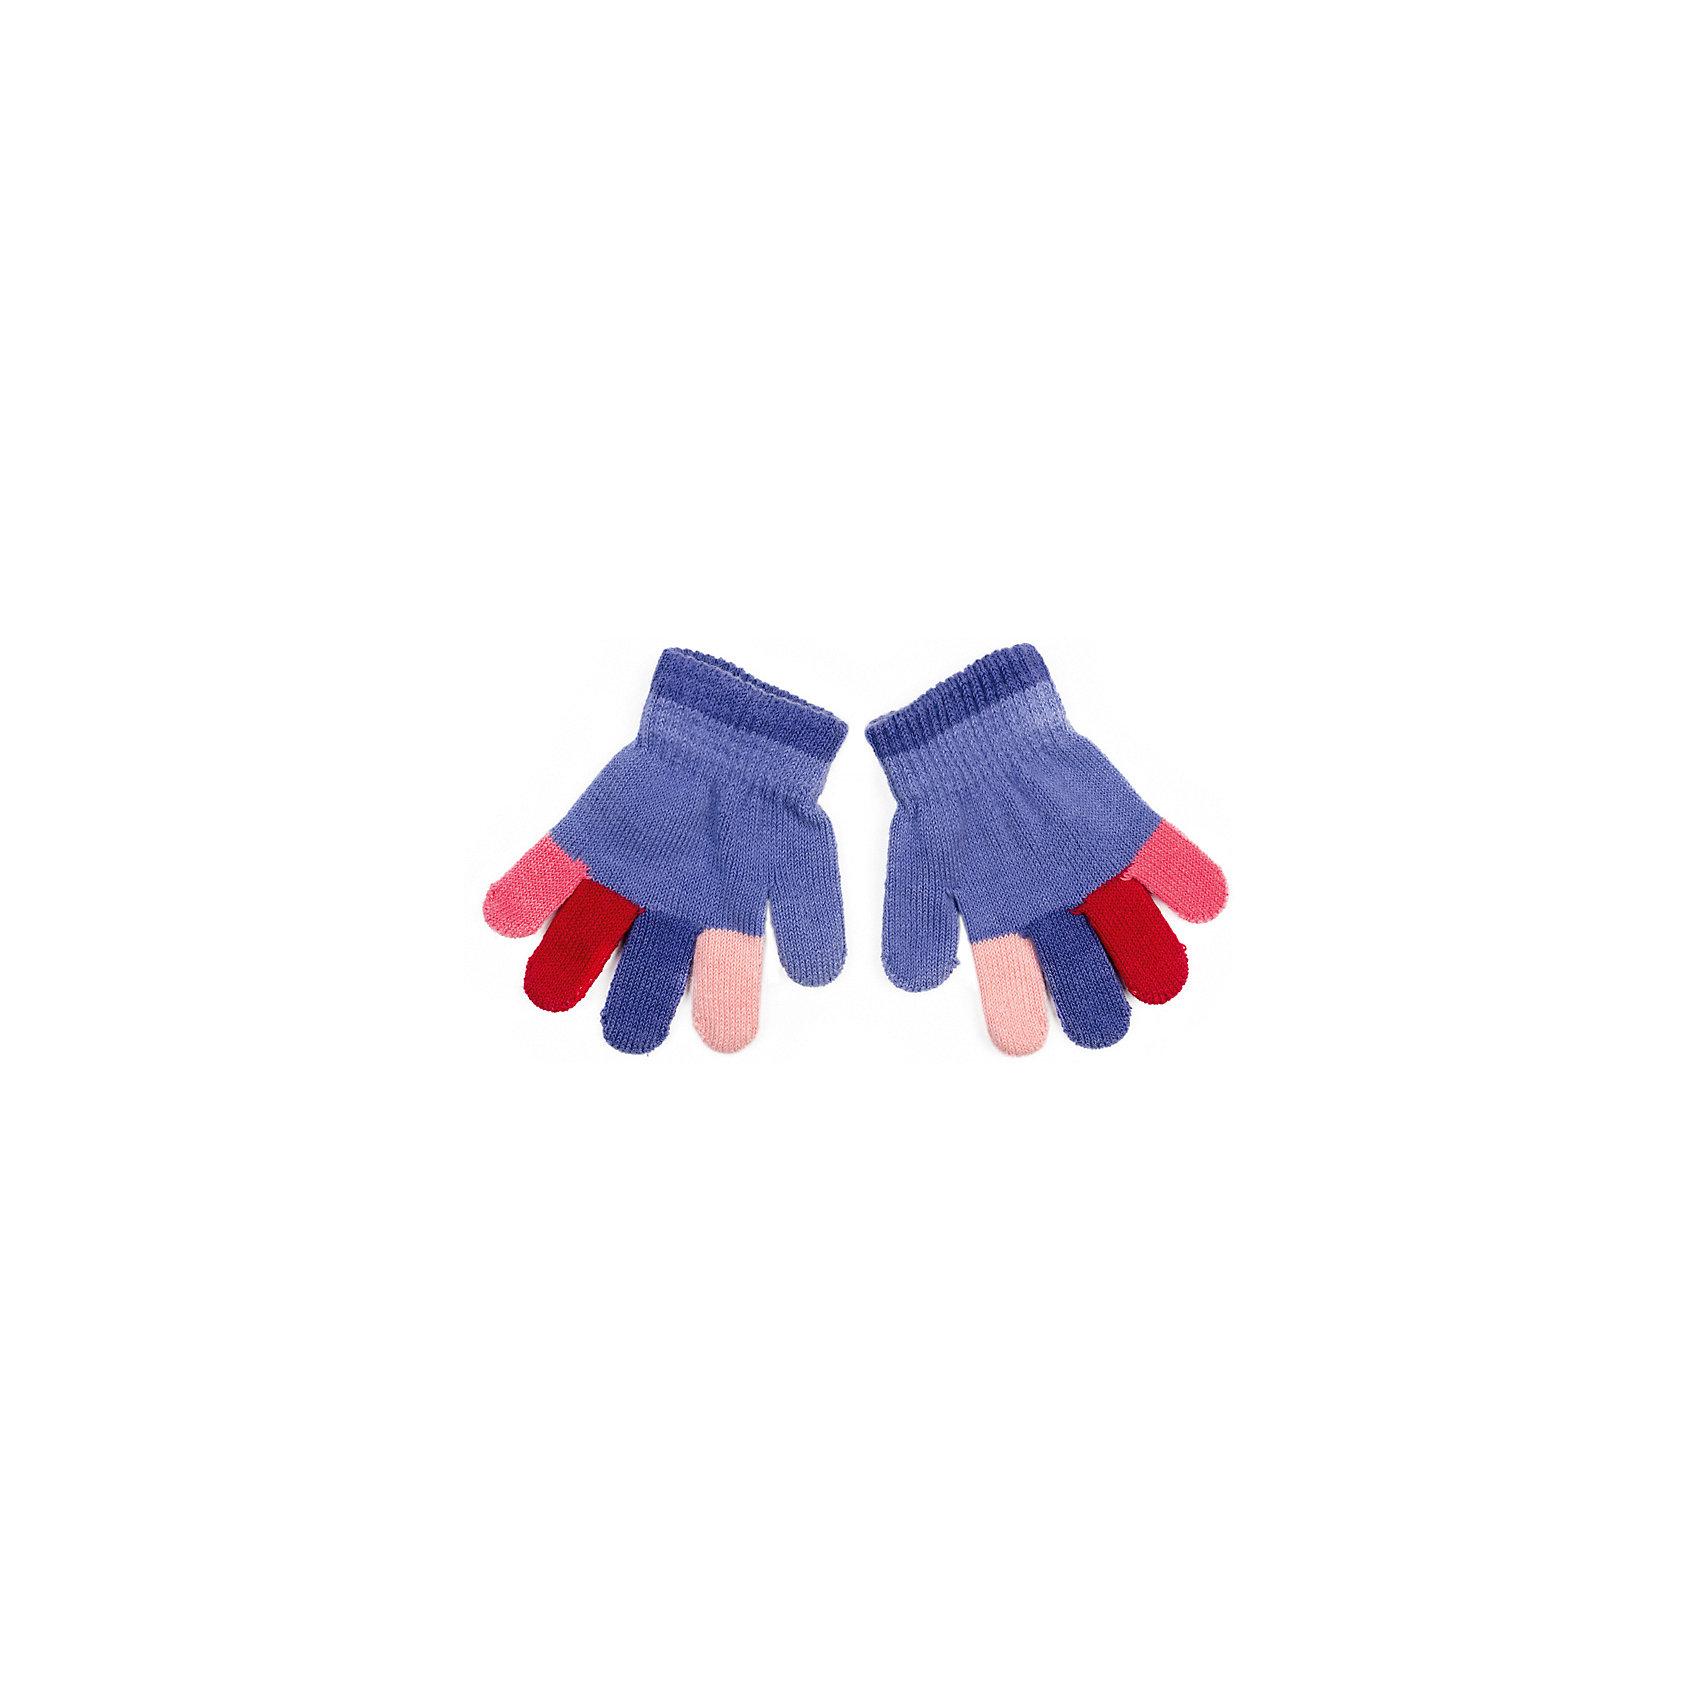 Перчатки PlayToday для девочкиВерхняя одежда<br>Перчатки PlayToday для девочки<br>Вязаные перчатки станут идеальным вариантом для прохладной погоды. Они очень мягкие, хорошо тянутся и прекрасно сохраняют тепло. На манжетах - плотная резинка, которая хорошо держит перчатки на руках ребенка. Модель выполнена в технике yarn dyed, в процессе производства используются разного цвета нити. При рекомендуемом уходе изделие не линяет и надолго остается в первоначальном виде.<br>Состав:<br>80% хлопок, 18% нейлон, 2% эластан<br><br>Ширина мм: 162<br>Глубина мм: 171<br>Высота мм: 55<br>Вес г: 119<br>Цвет: белый<br>Возраст от месяцев: 24<br>Возраст до месяцев: 36<br>Пол: Женский<br>Возраст: Детский<br>Размер: 1,0<br>SKU: 7106345